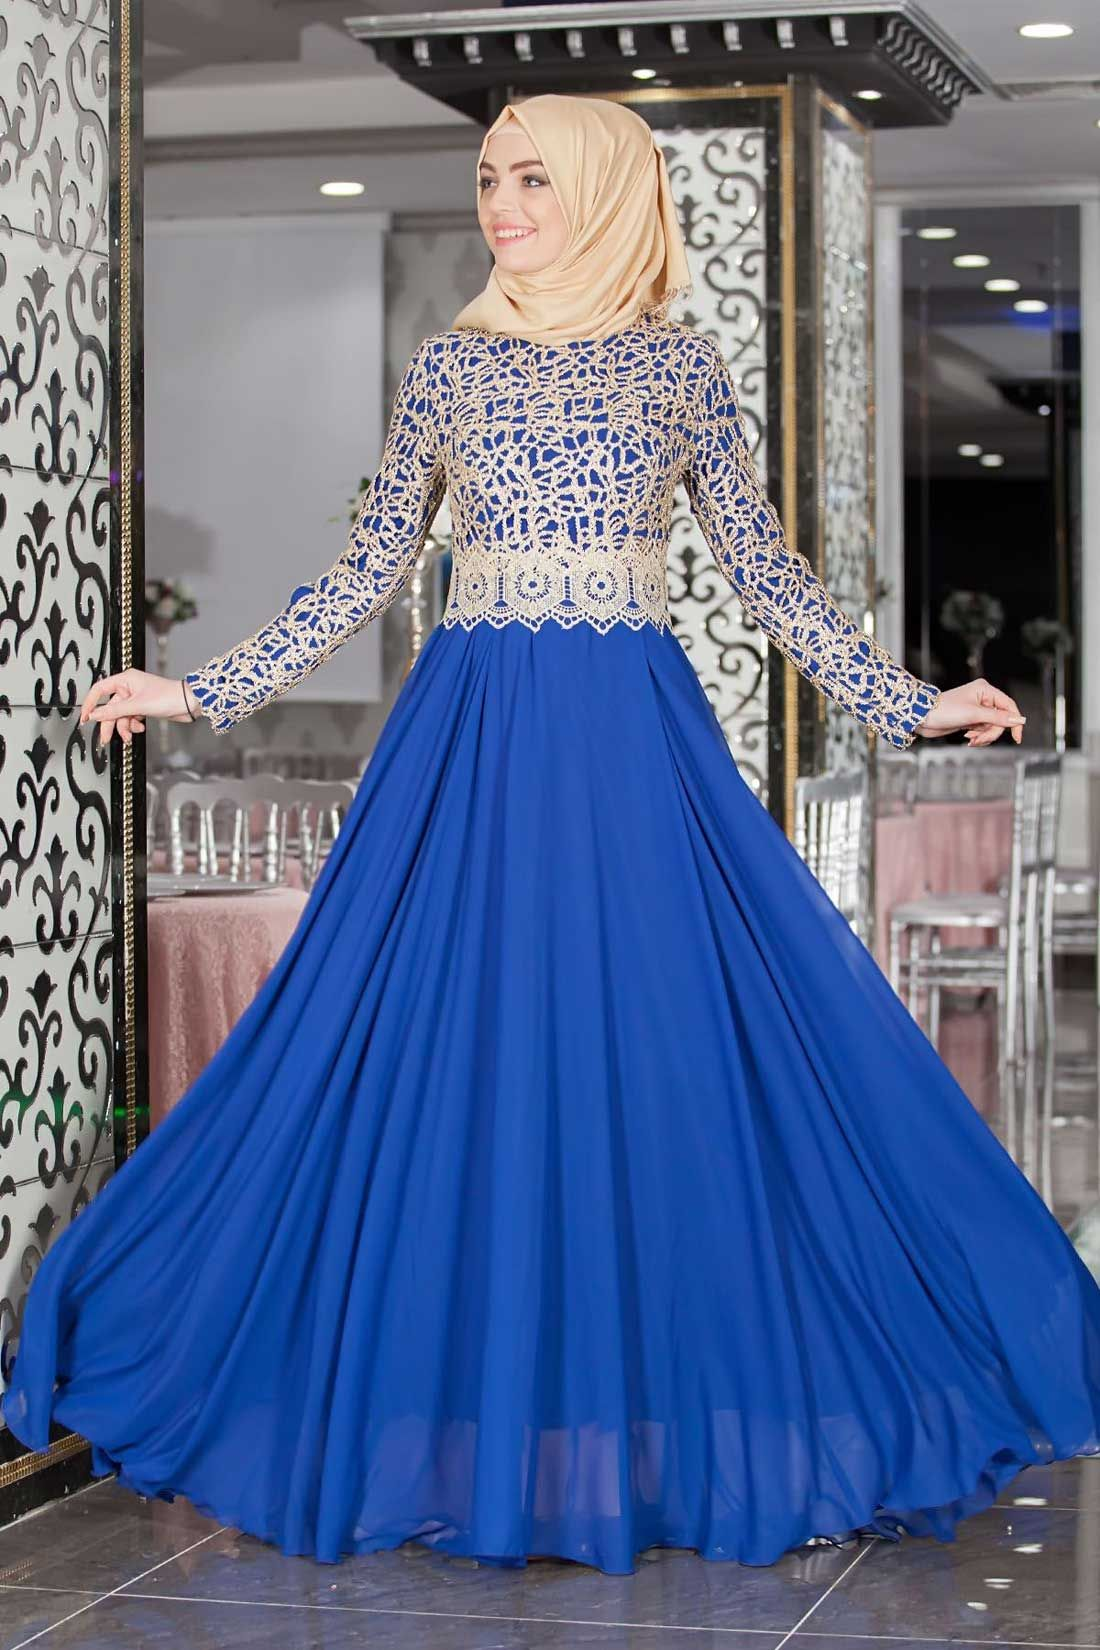 4173d1b256f1f Şıklığına dikkat eden bayanlara özel Kadın Tesettür Abiye Elbise, Abiye  modelleri, düğün Abiyeleri online